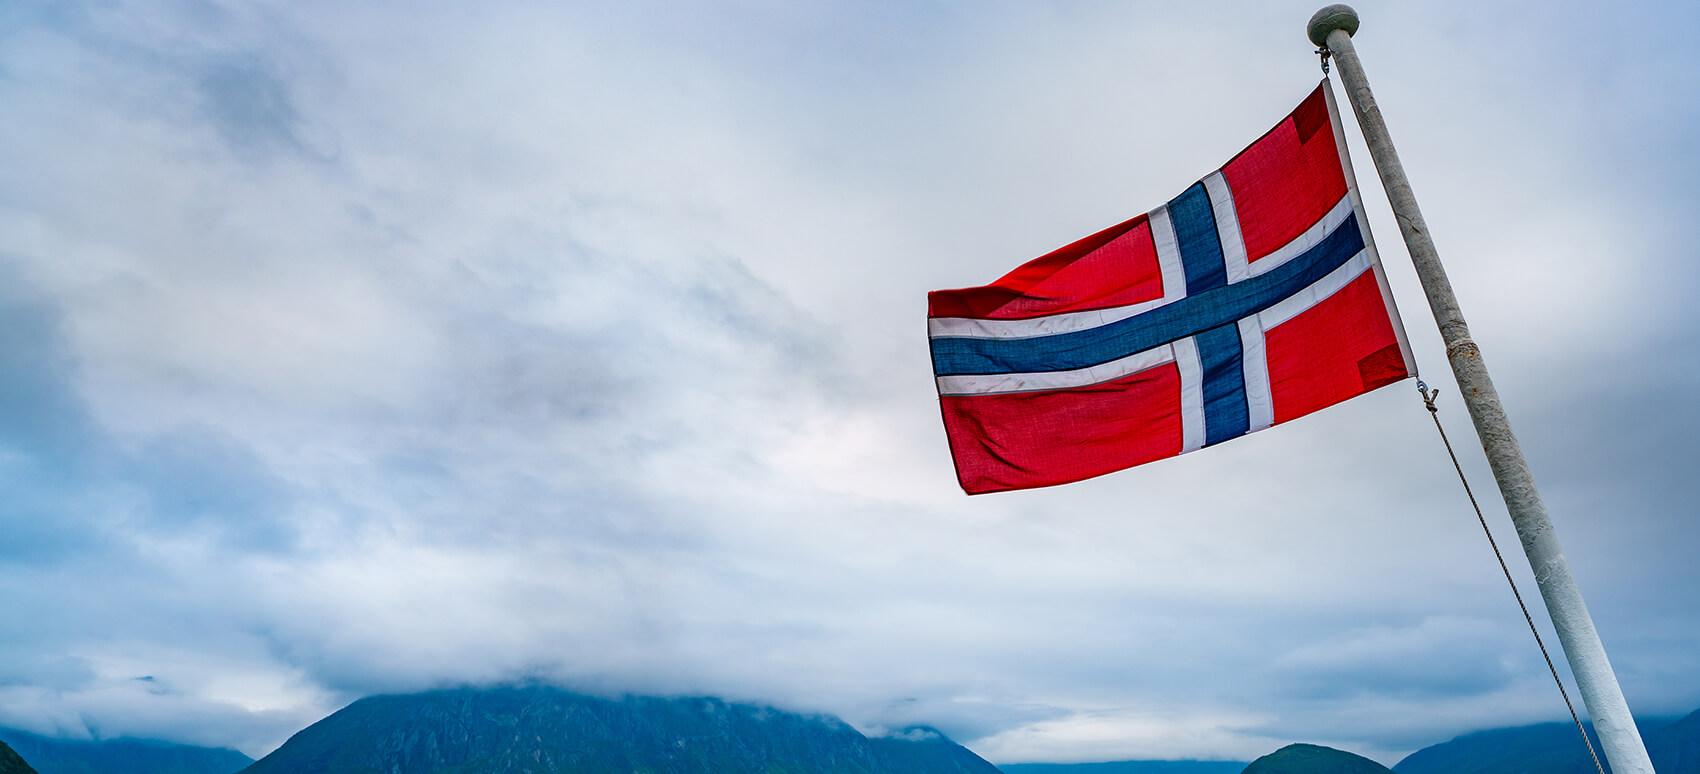 https://www.dk.dsv.com/om-dsv/Presse/News/2020/01/nye-regler-for-forsendelser-af-varer-med-lav-vaerdi-til-norge